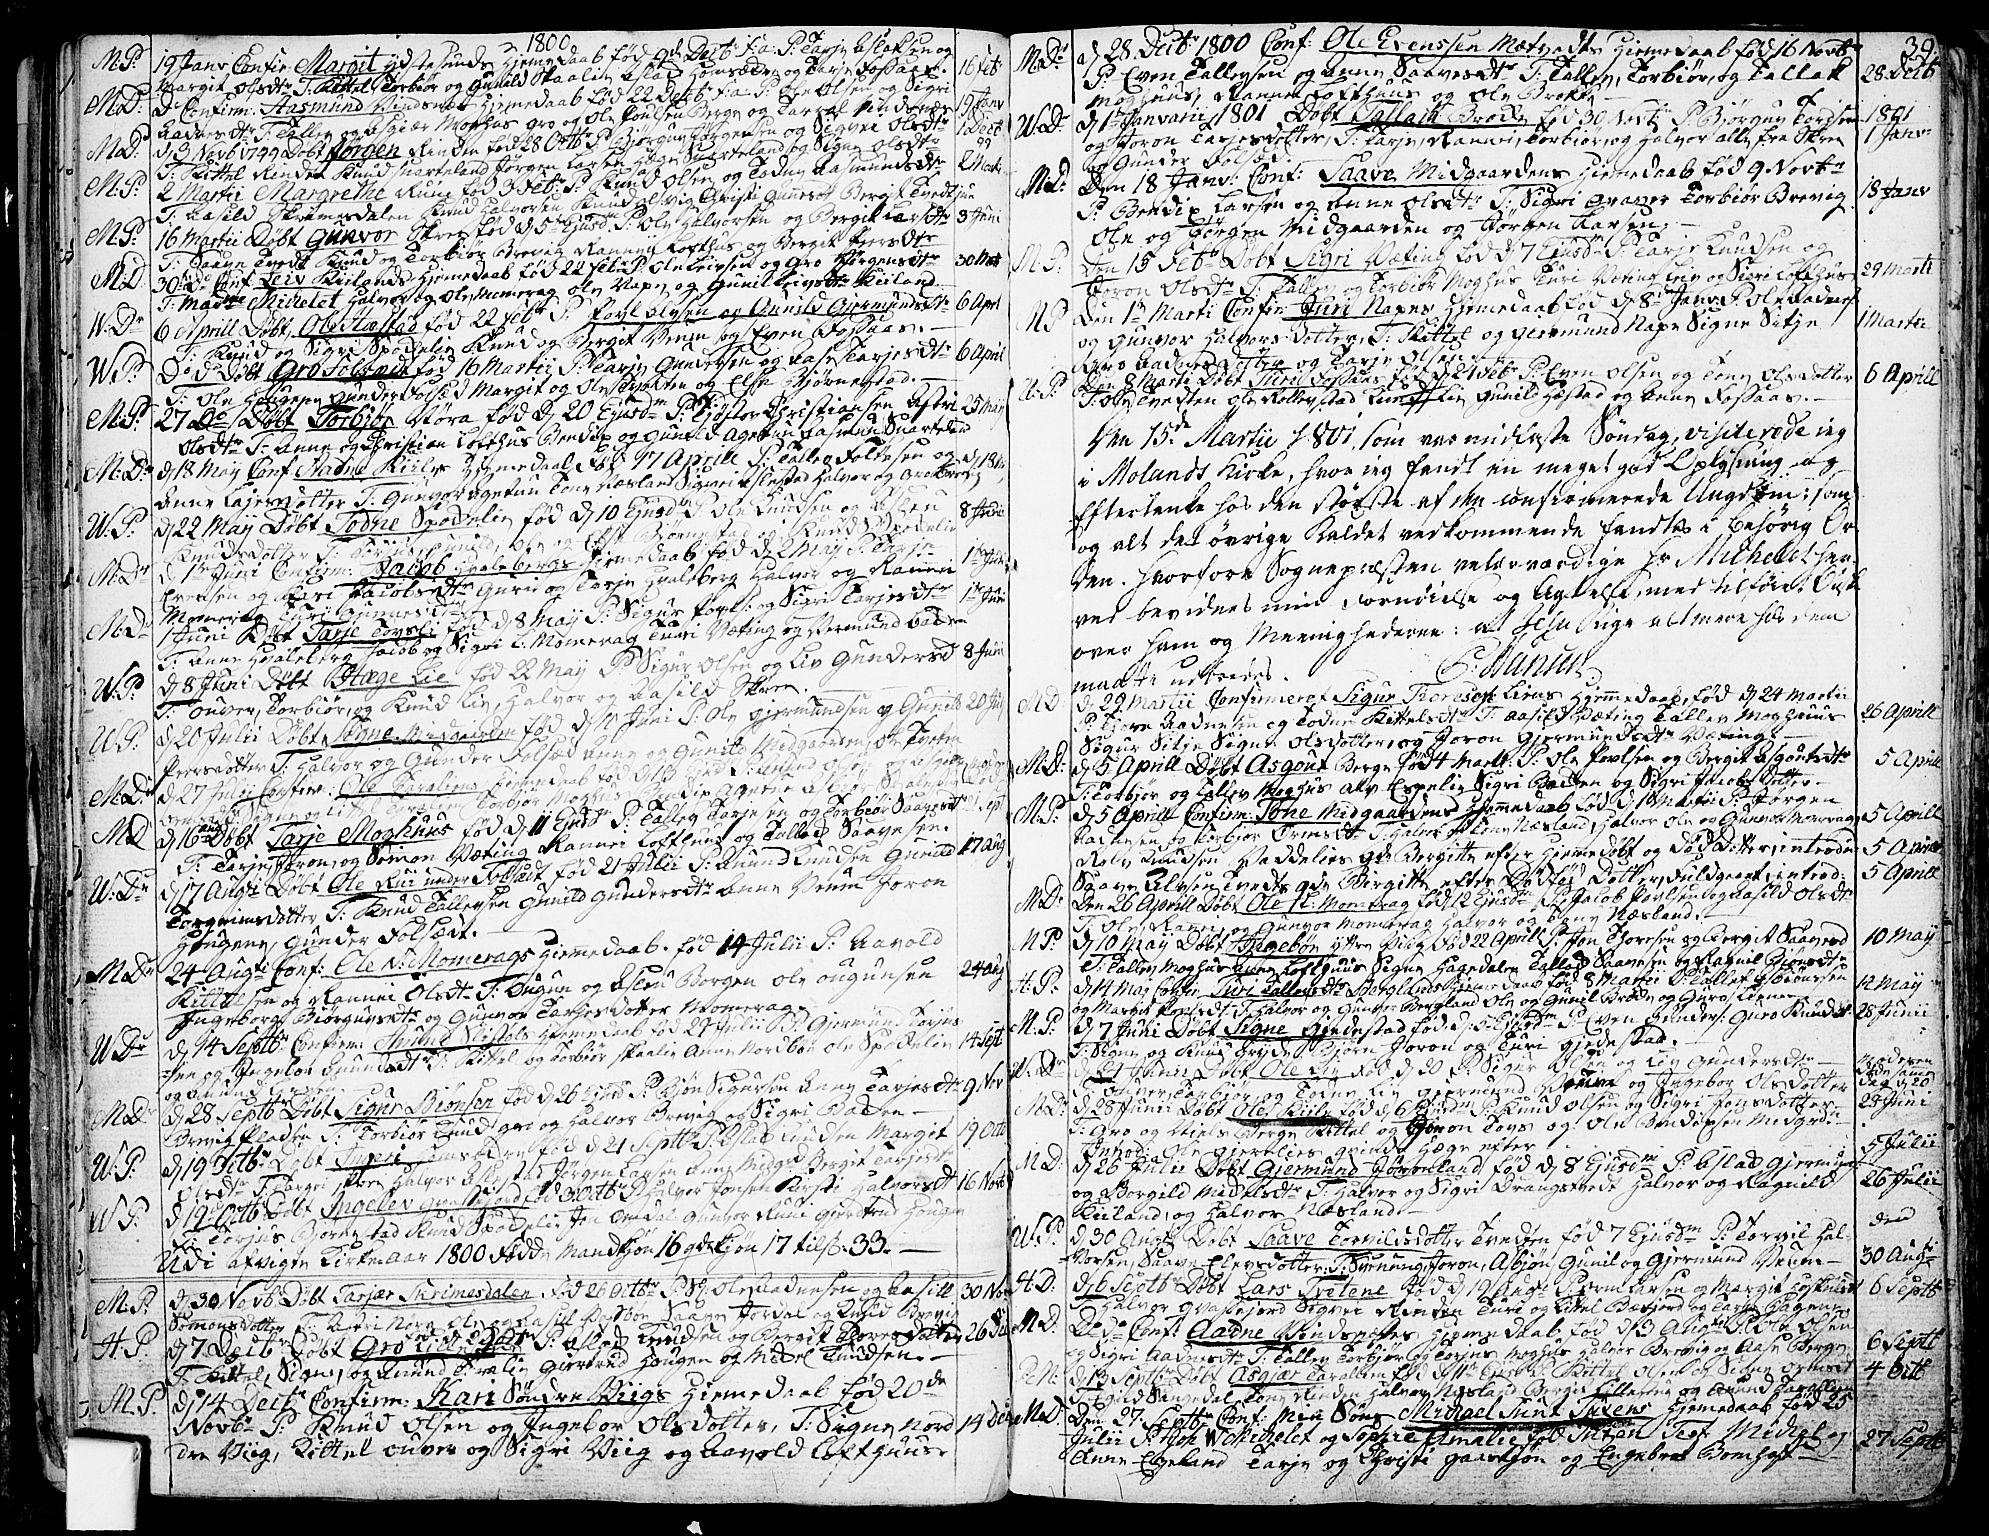 SAKO, Fyresdal kirkebøker, F/Fa/L0002: Ministerialbok nr. I 2, 1769-1814, s. 39